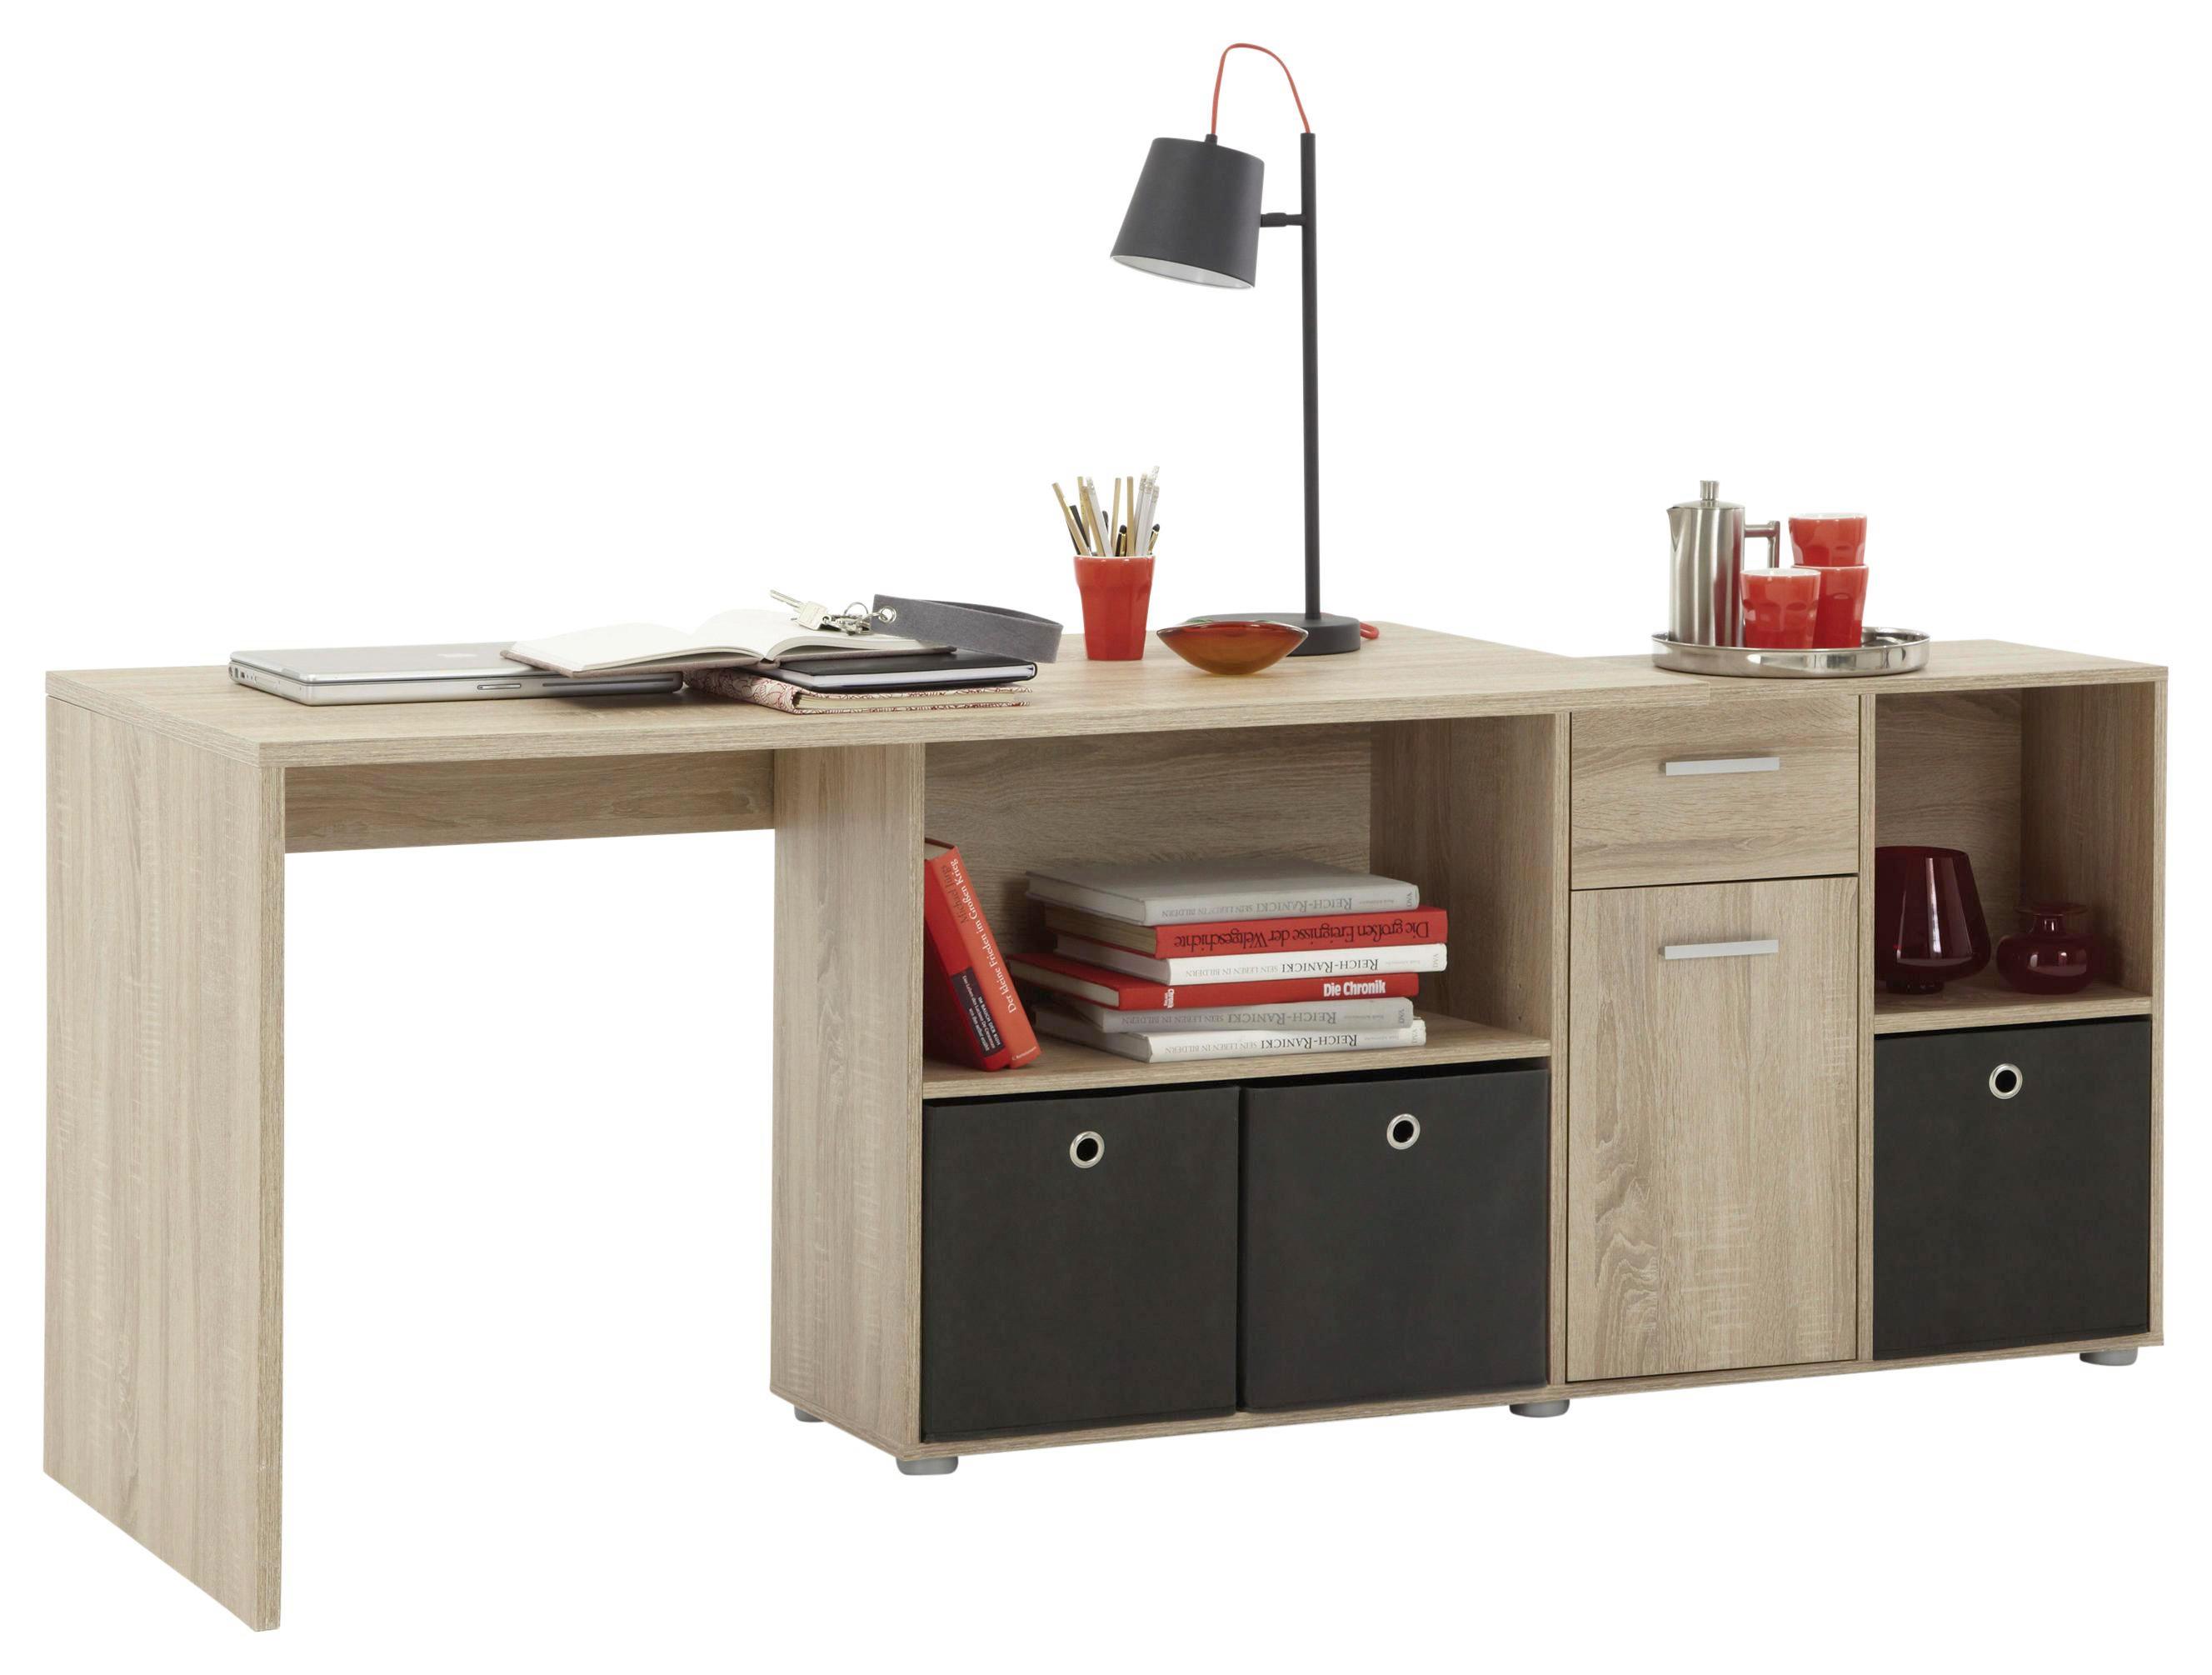 ECKSCHREIBTISCH Eichefarben - Chromfarben/Eichefarben, Design, Kunststoff (137/75/68cm) - CANTUS